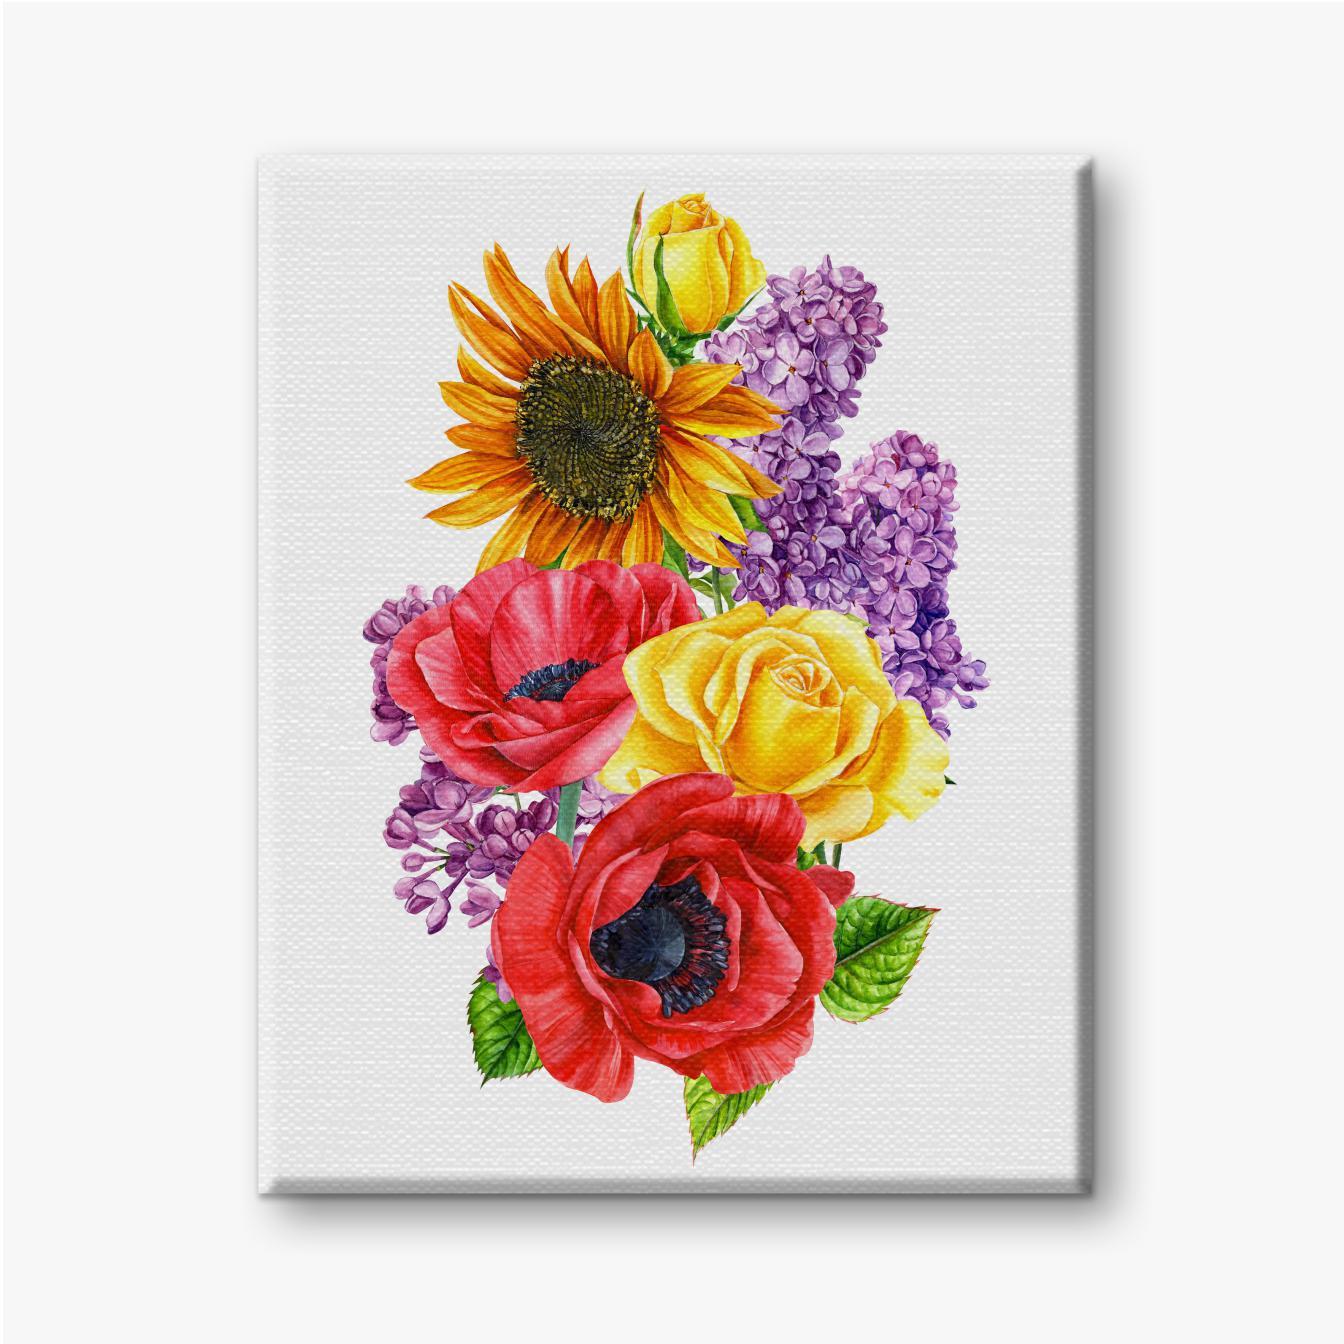 Strauß gelber Rosen, roter Mohnblumen, Flieder und Sonnenblumen